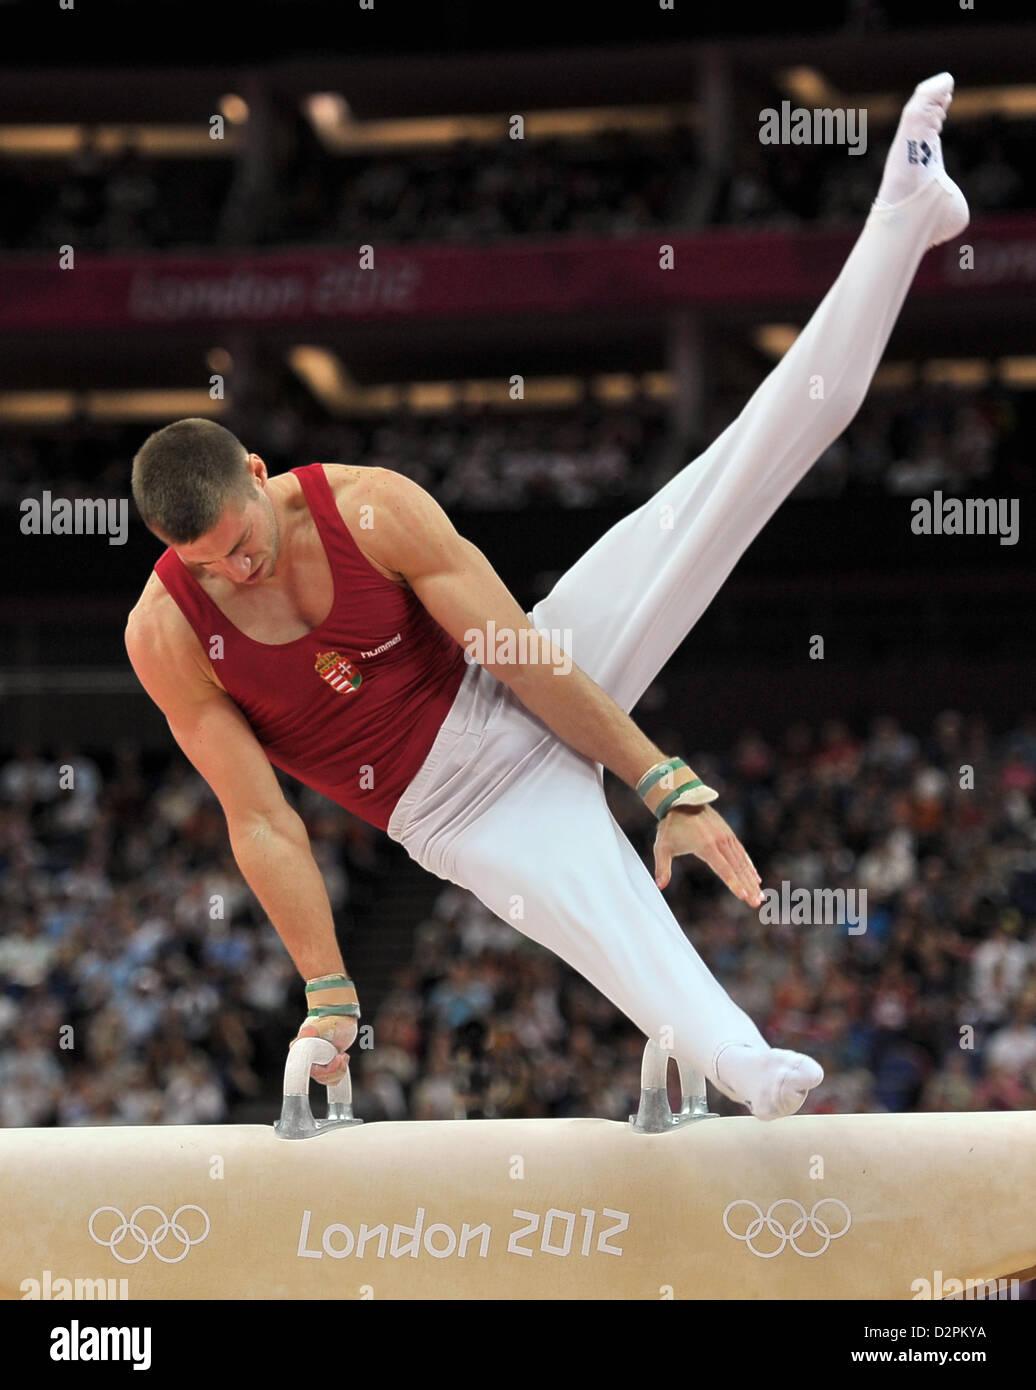 Krisztian Berki (HUN, Hungary). Individual Gymnastics Stock Photo